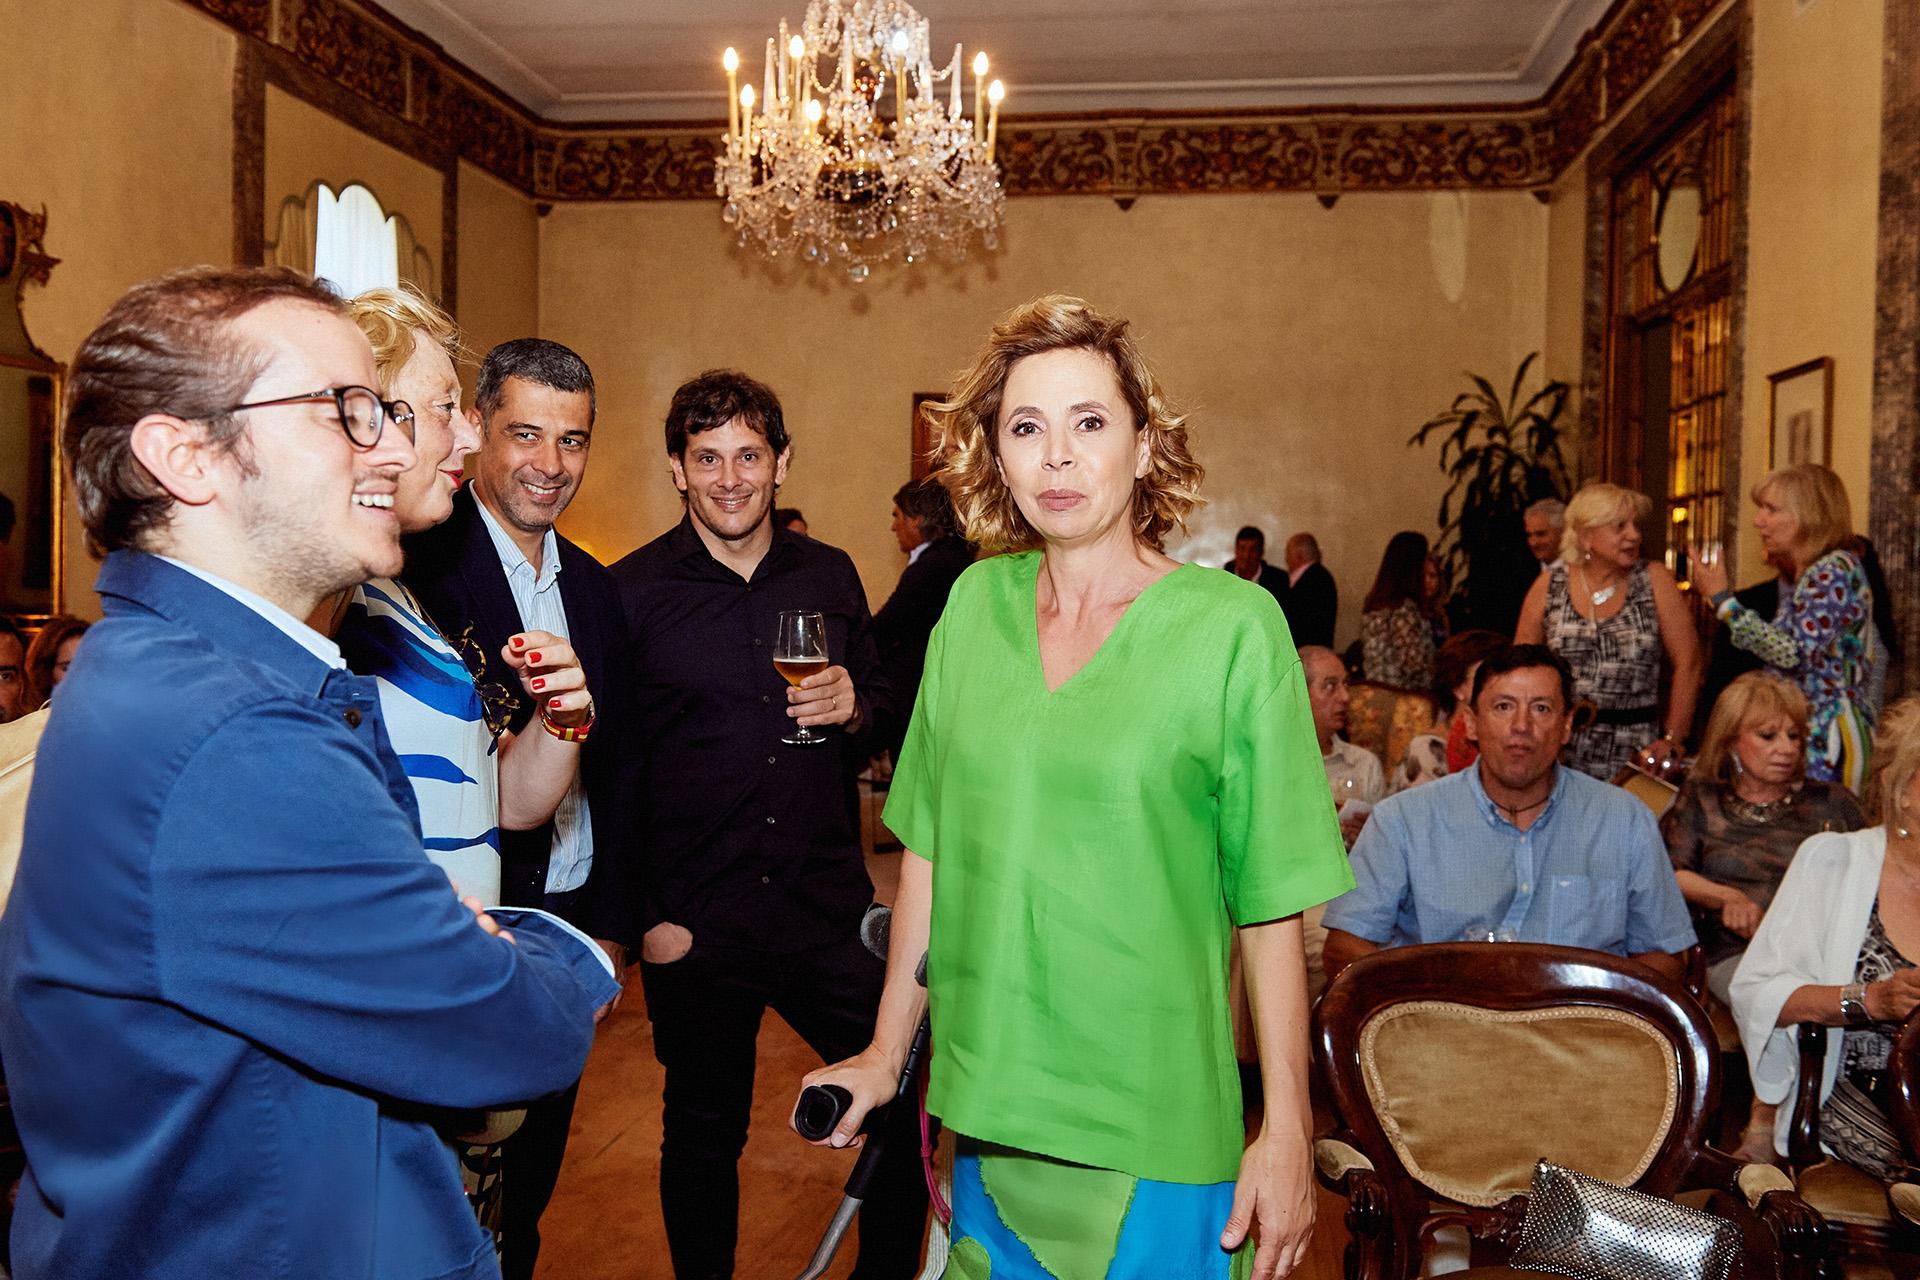 La diseñadora española, Agatha Ruiz de la Prada, rodeada de sus amigos, entre ellos el Francisco de Asis Mortera Nales.